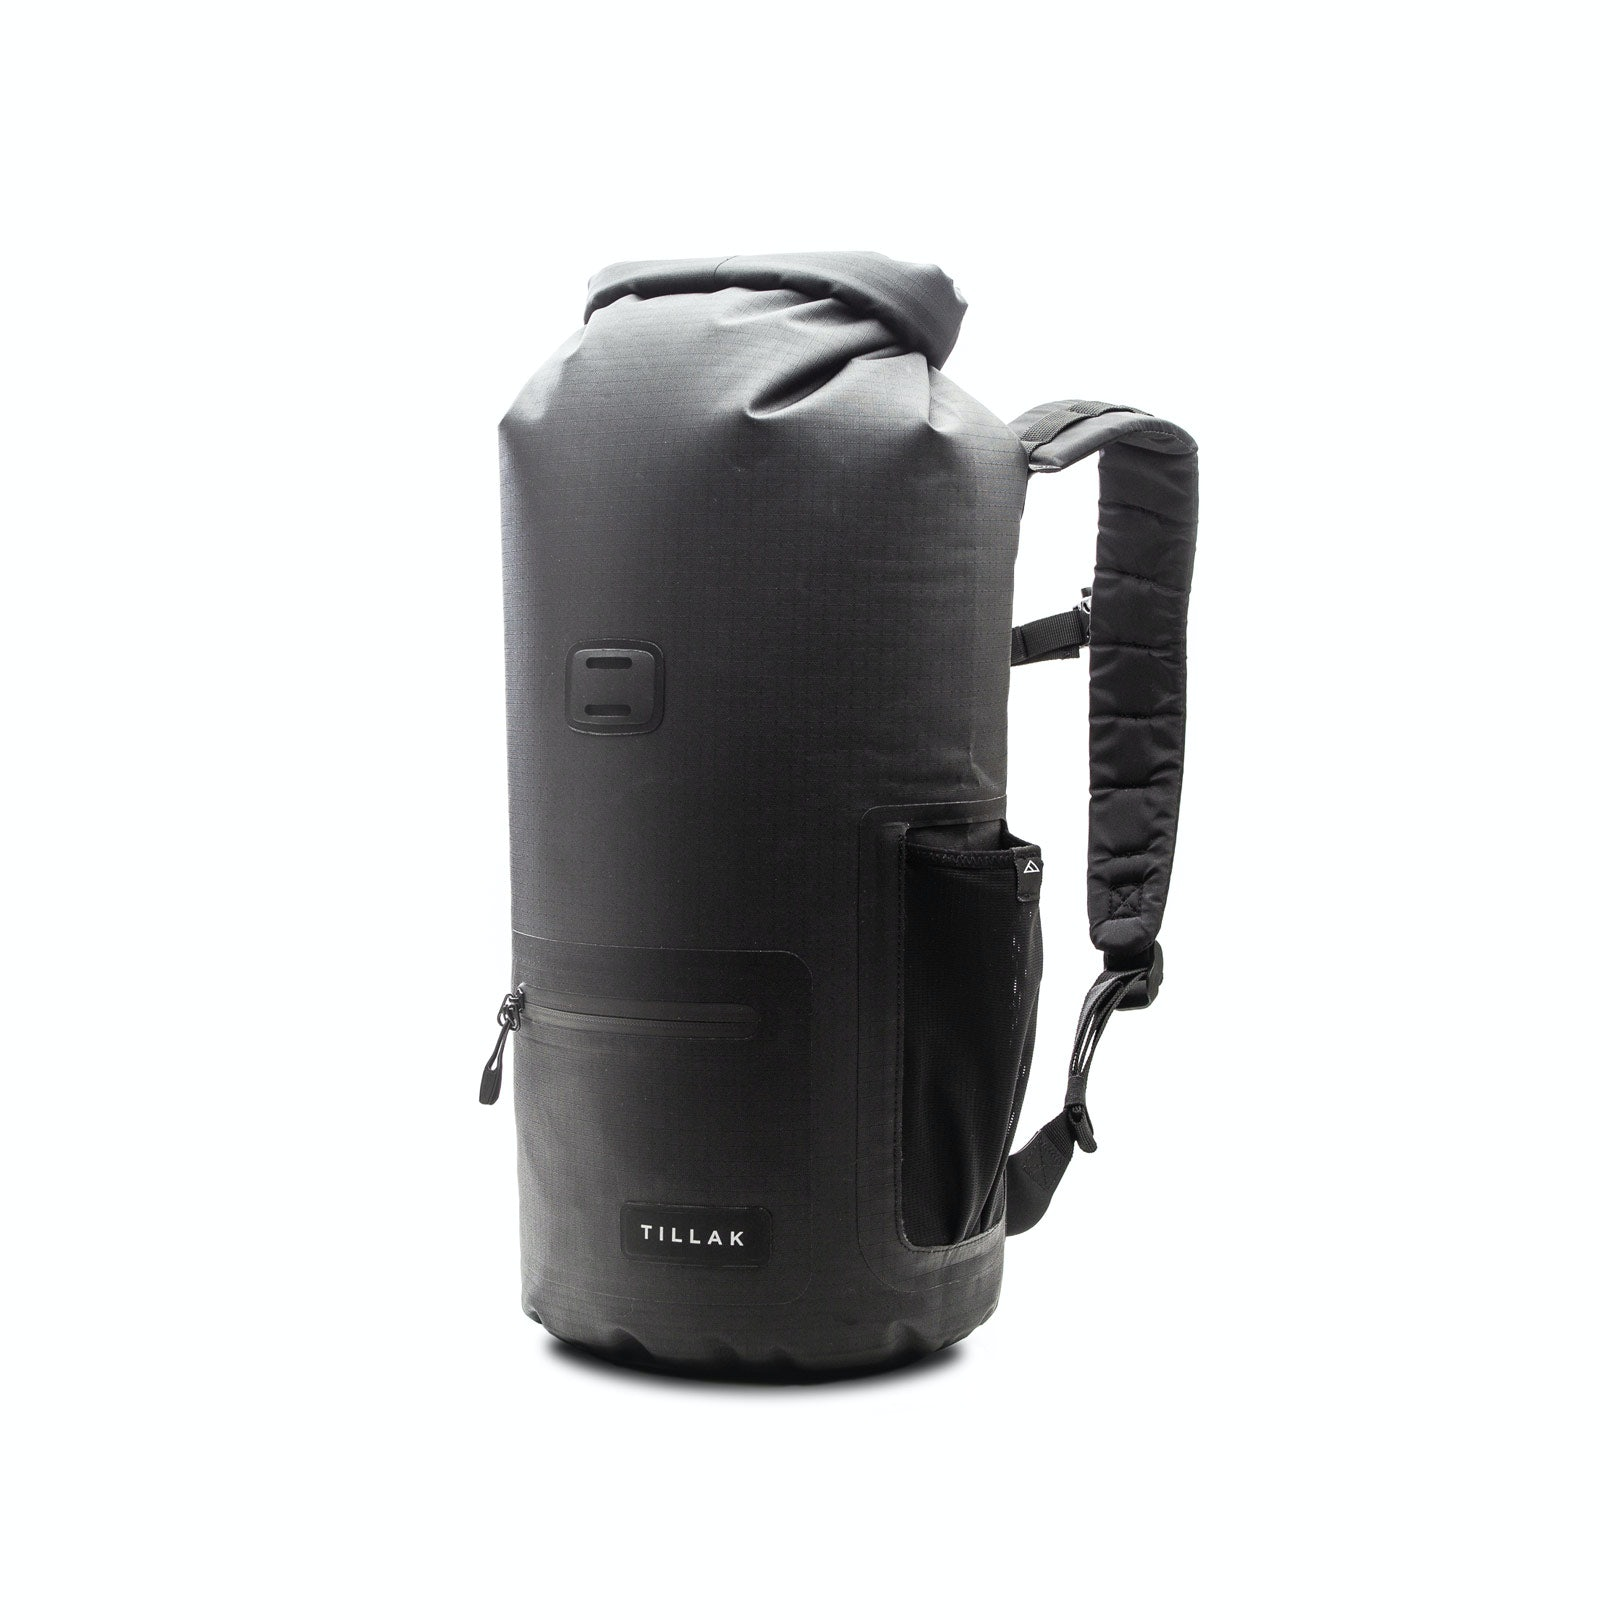 Tillak Kiwanda 20L Dry Bag